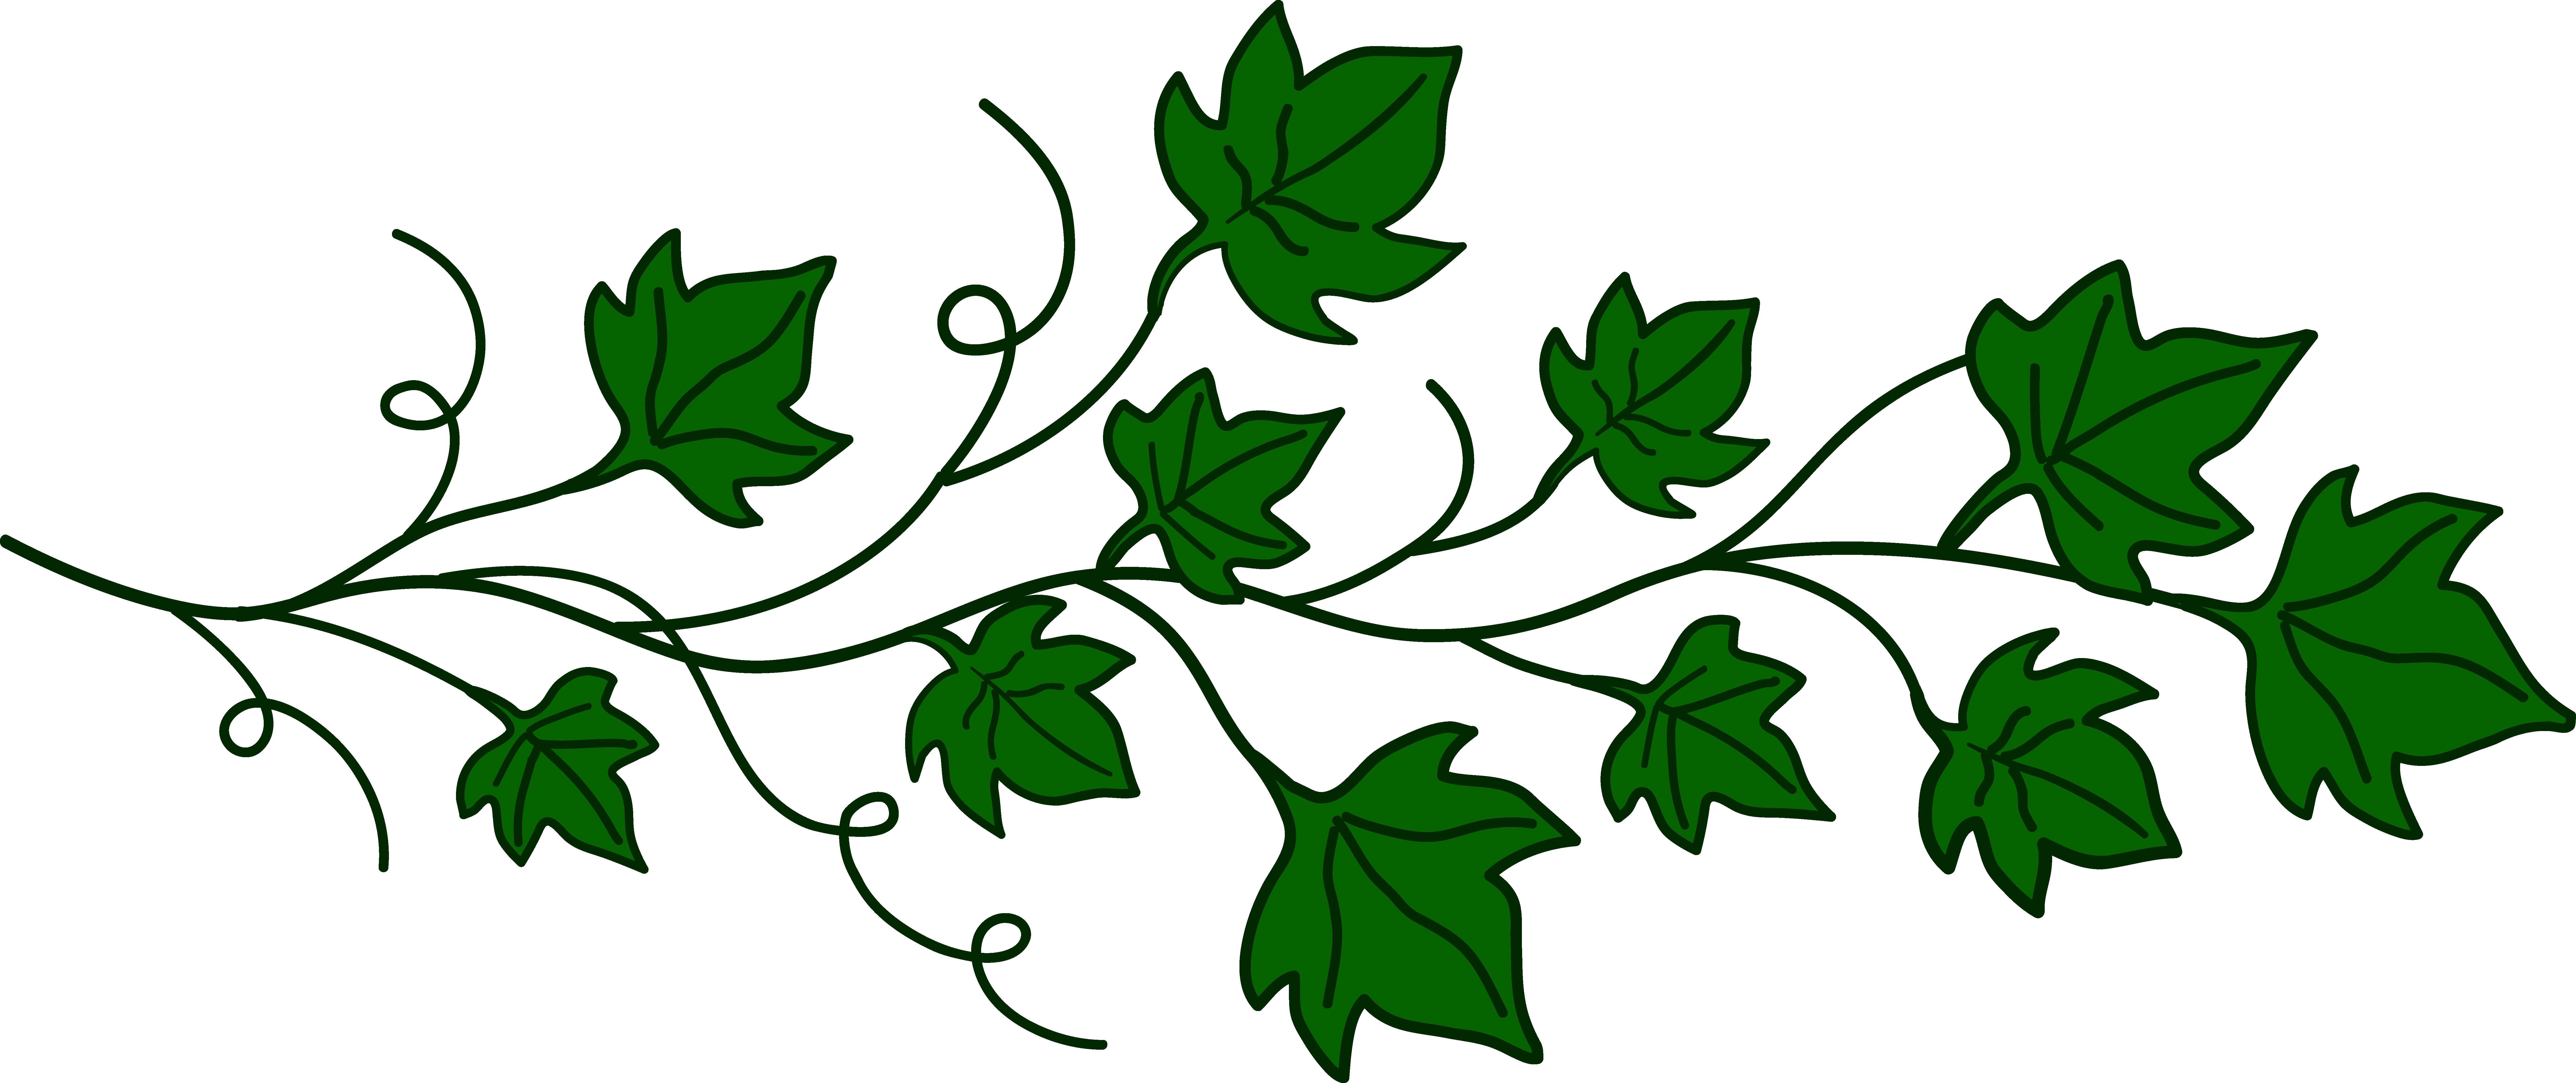 Vine of Ivy Leaves